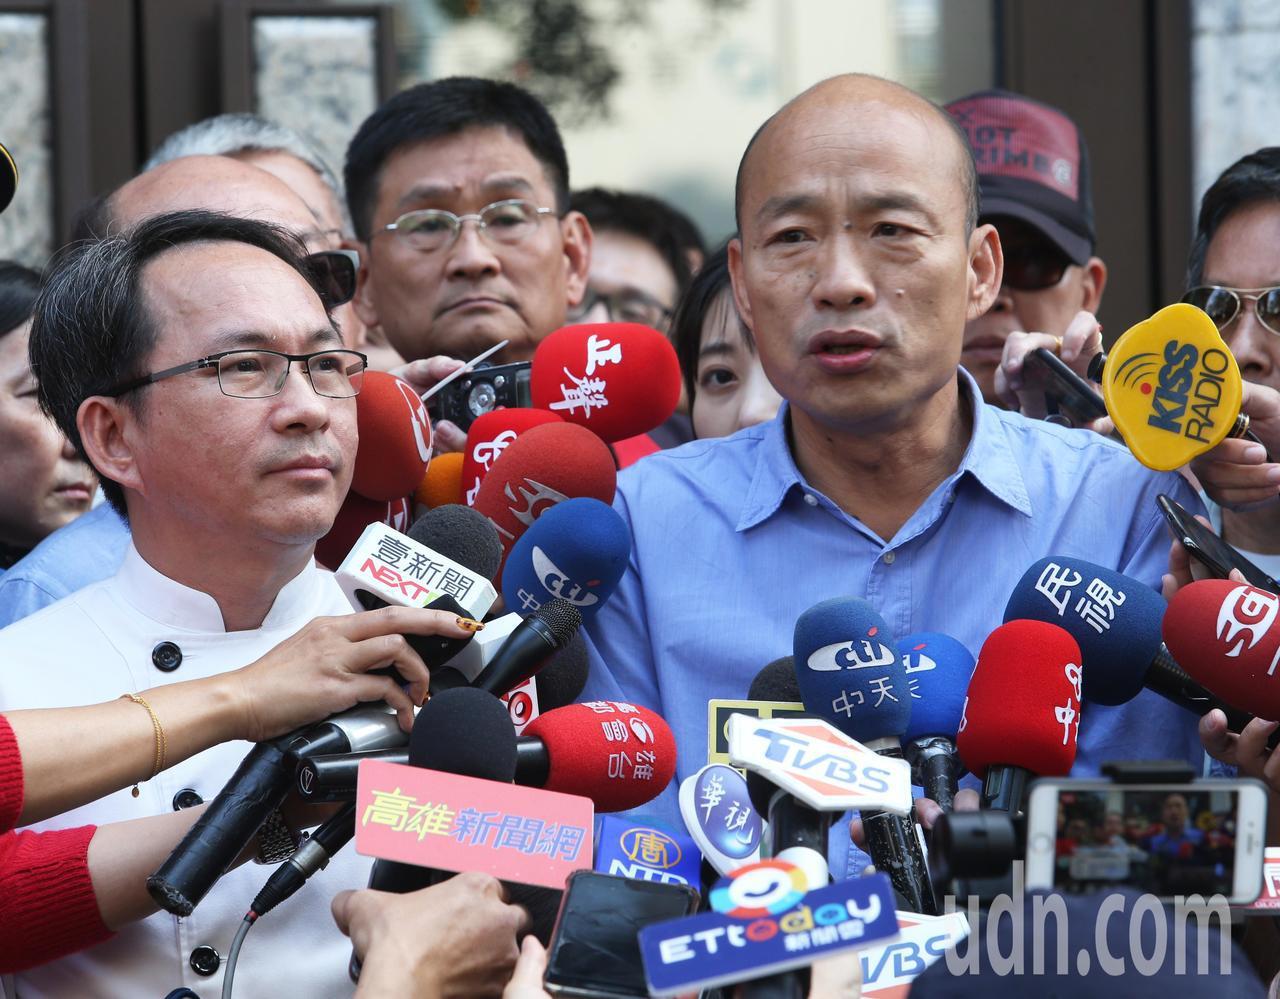 高雄市長當選人韓國瑜(右)今天用行動支持吳寶春(左),他說世界金牌得來不易,希望...